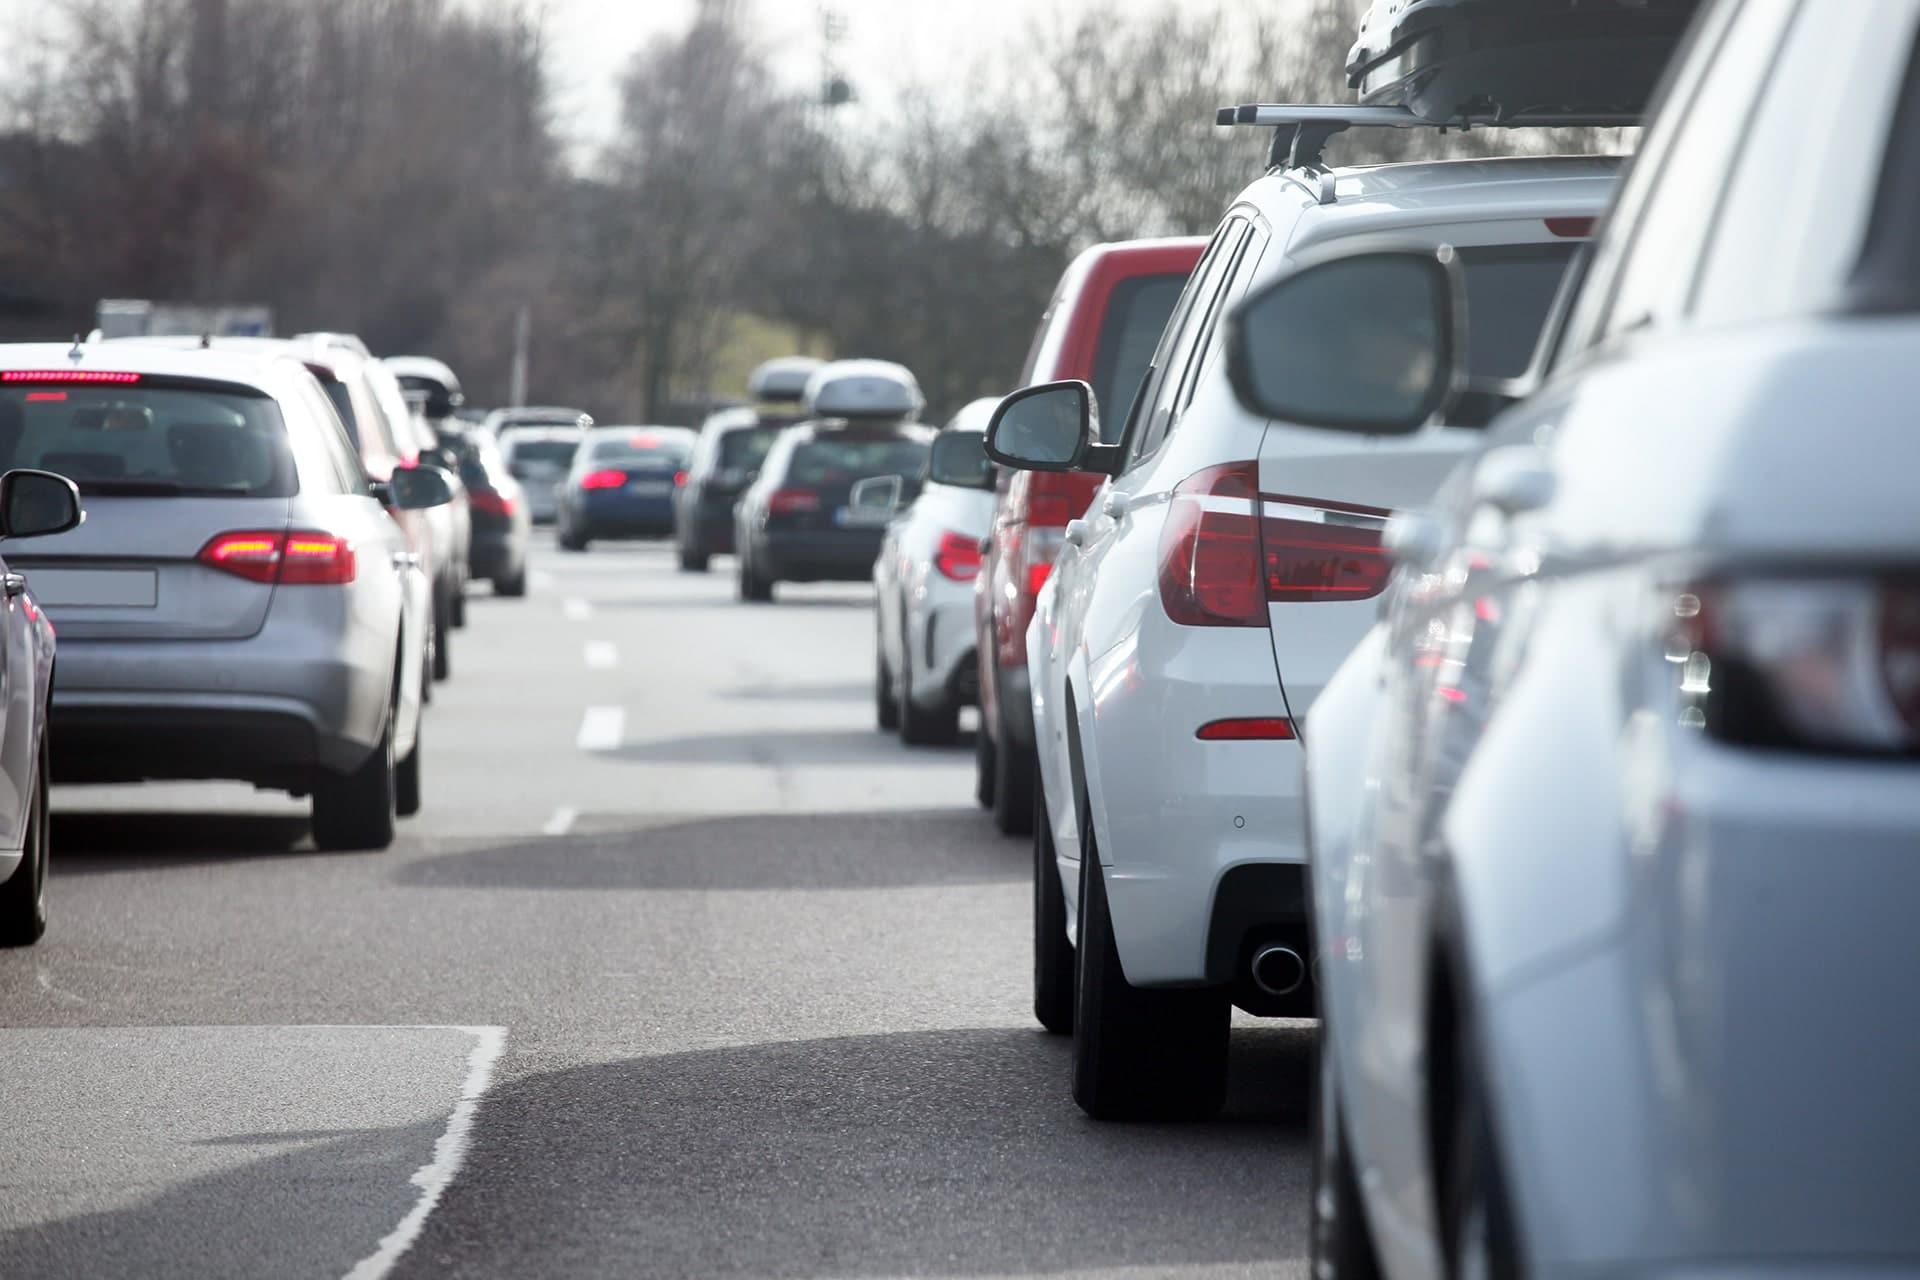 Périphérique parisien : une vitesse limitée à 50 km/h d'ici 2020 ?